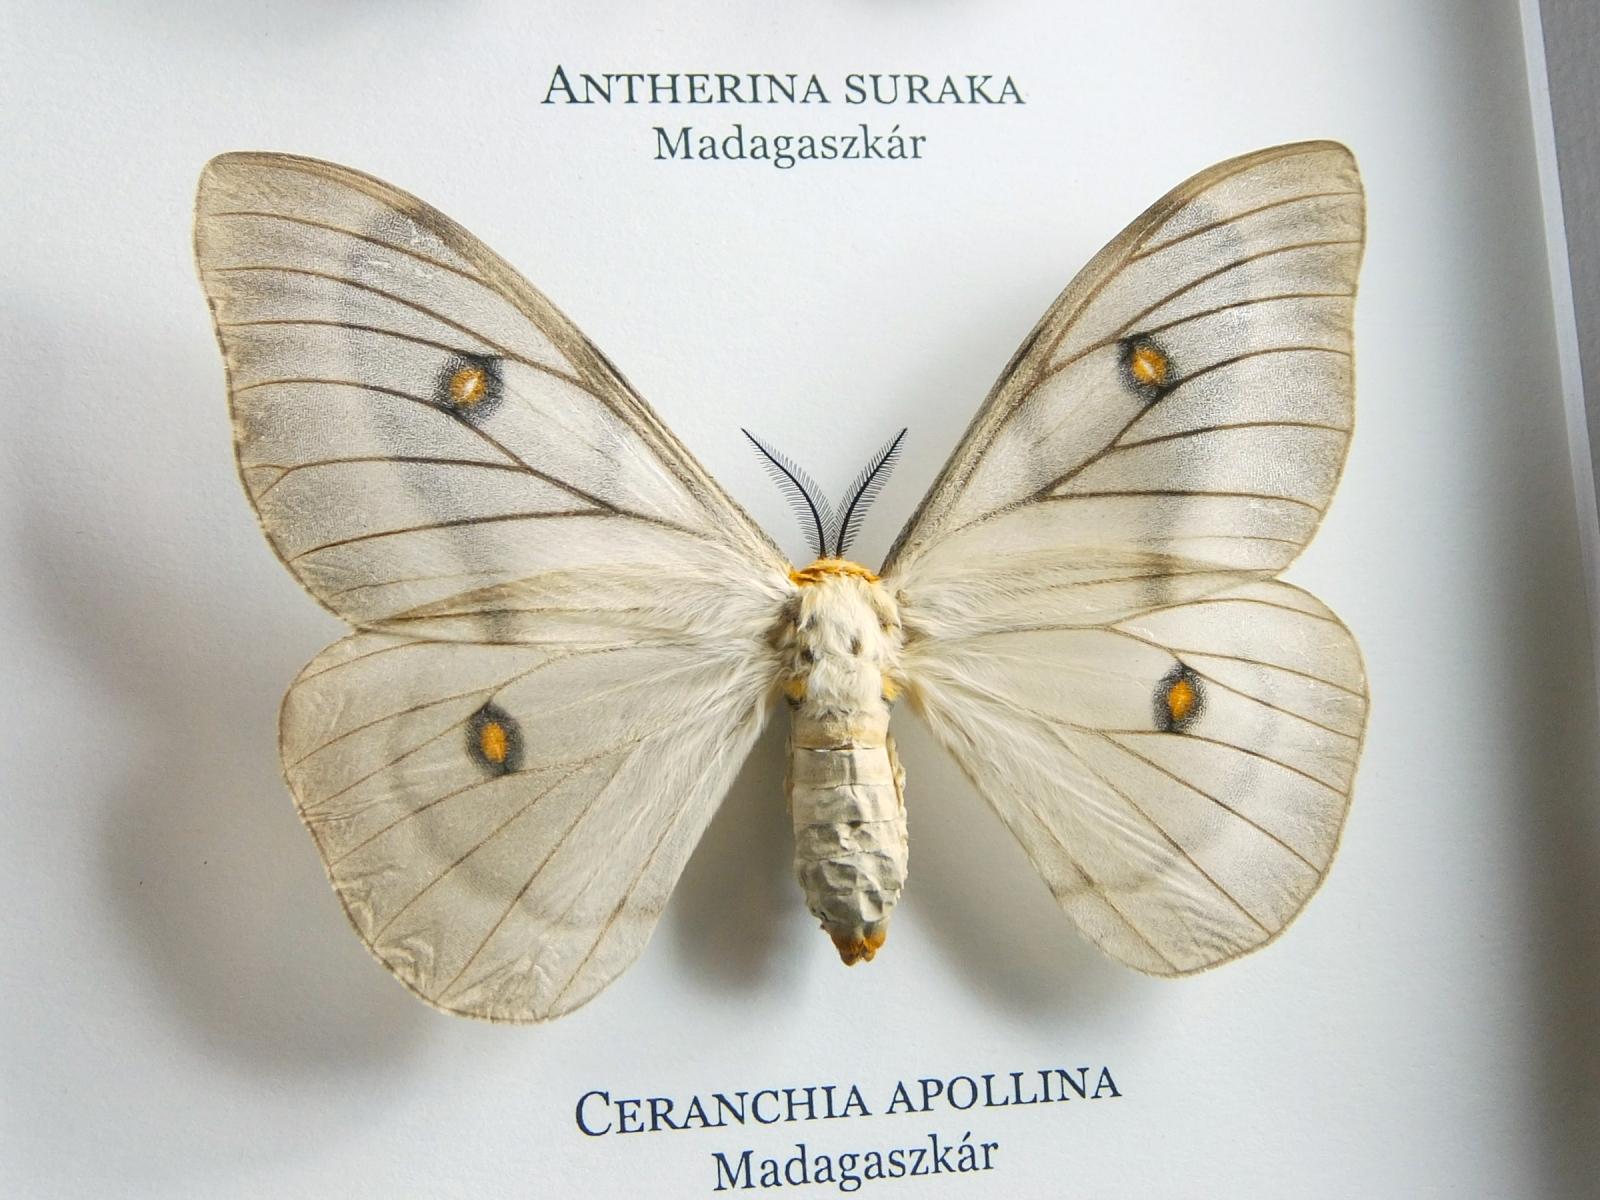 Antherina suraka és Ceranchia apollina, új fekete keretben #1673